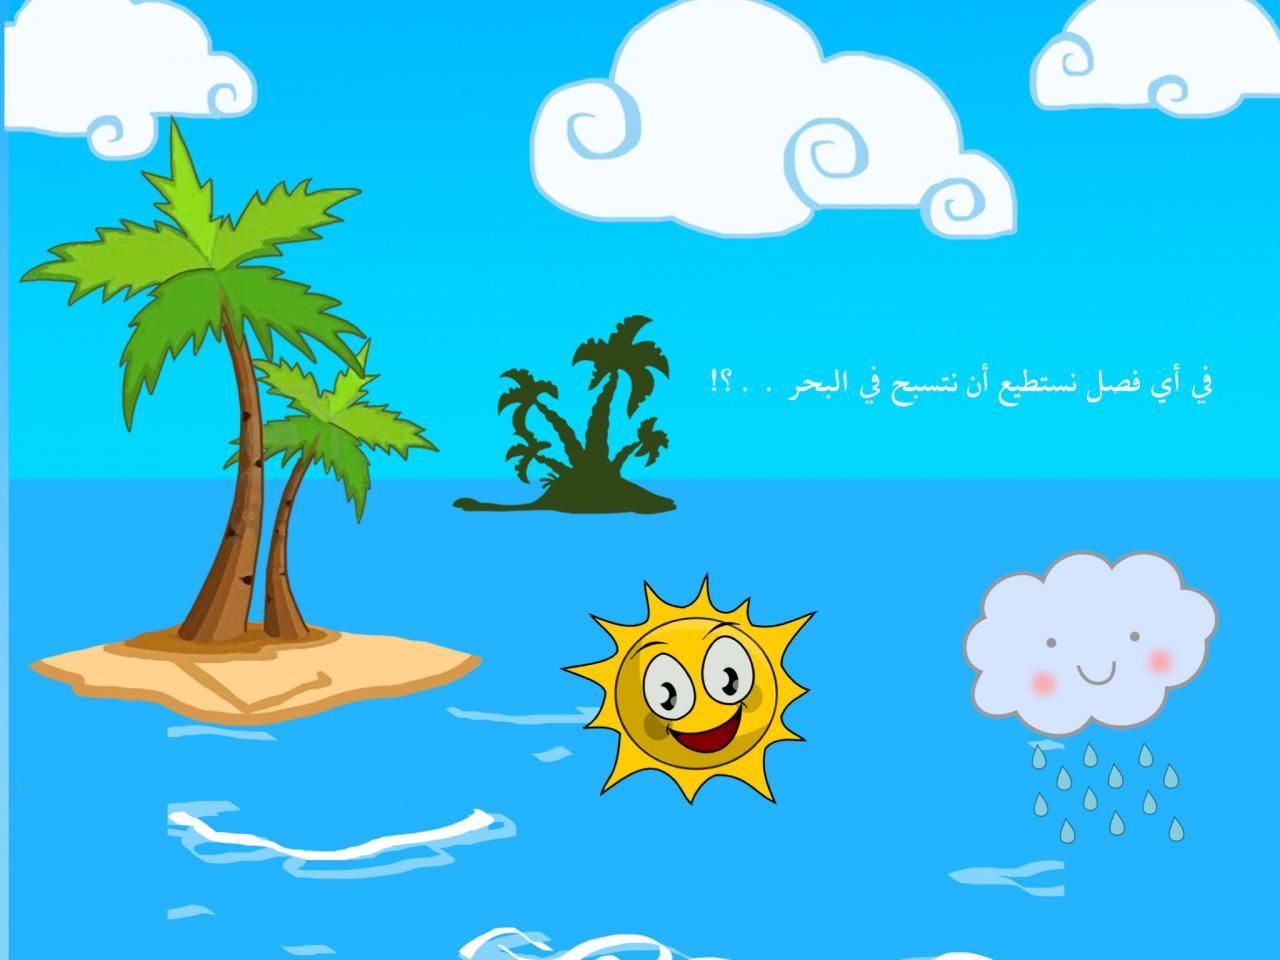 صورة تعبير عن الصيف , جمل للتعبير عن جمال جو الصيف